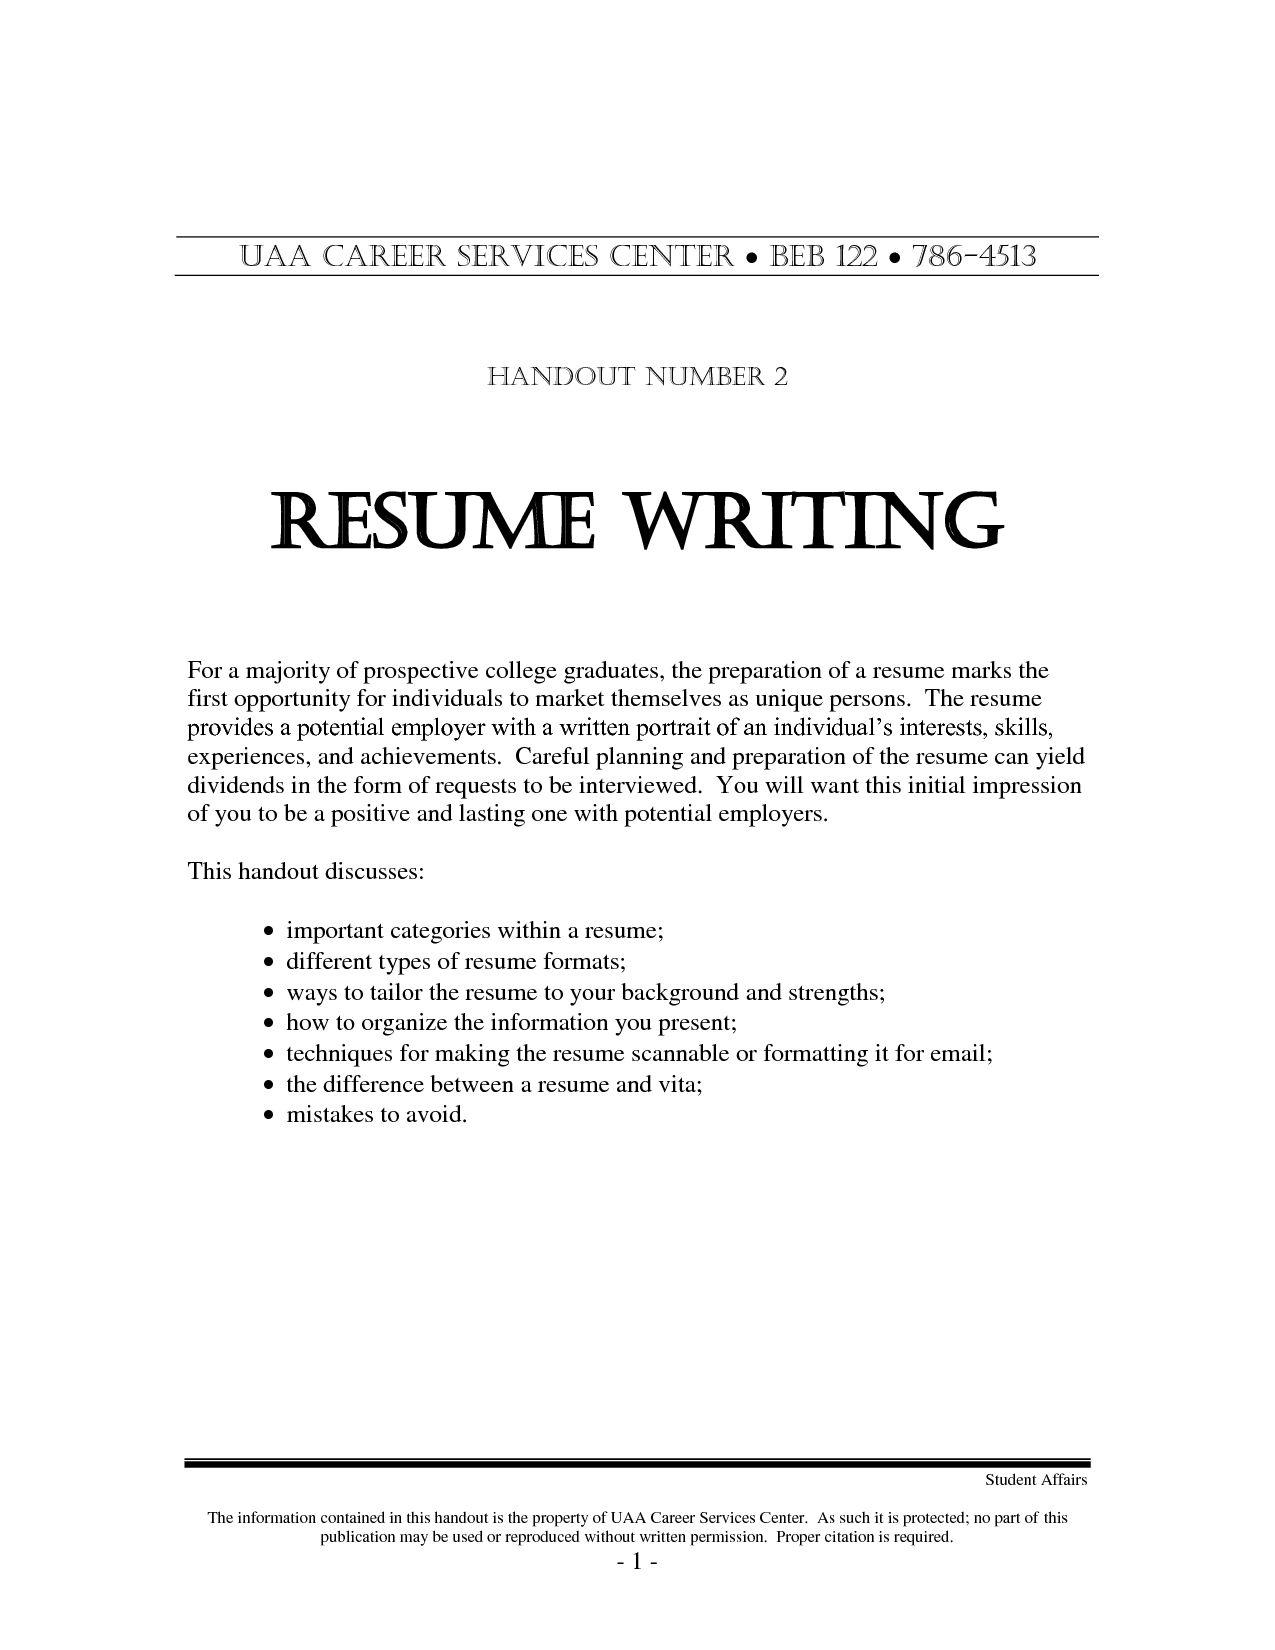 resume for housekeeping gallery examples best housekeeper example ...